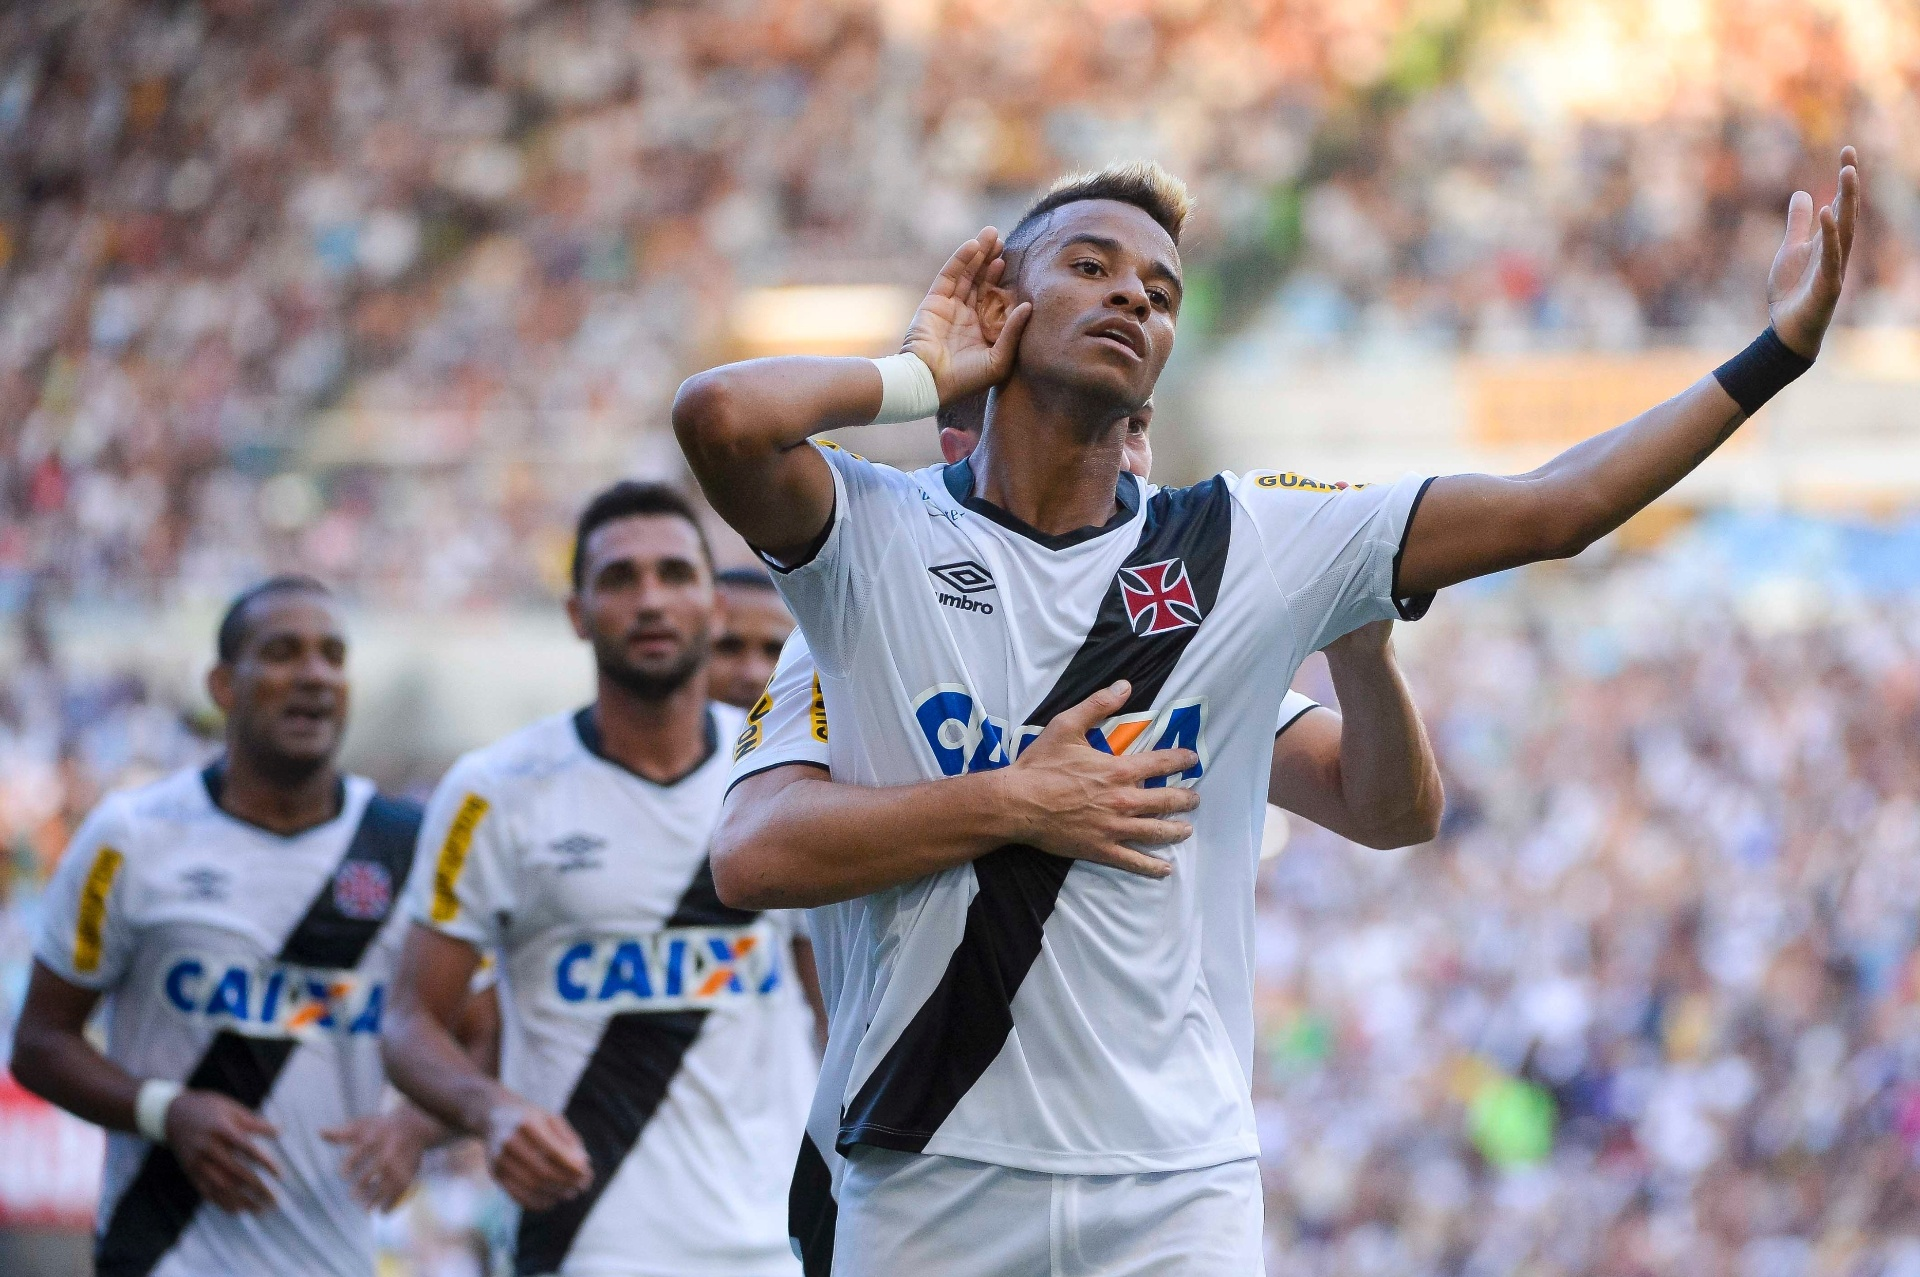 58f895560a Fim do jejum  Vasco vence Botafogo e é campeão carioca após 12 anos -  03 05 2015 - UOL Esporte